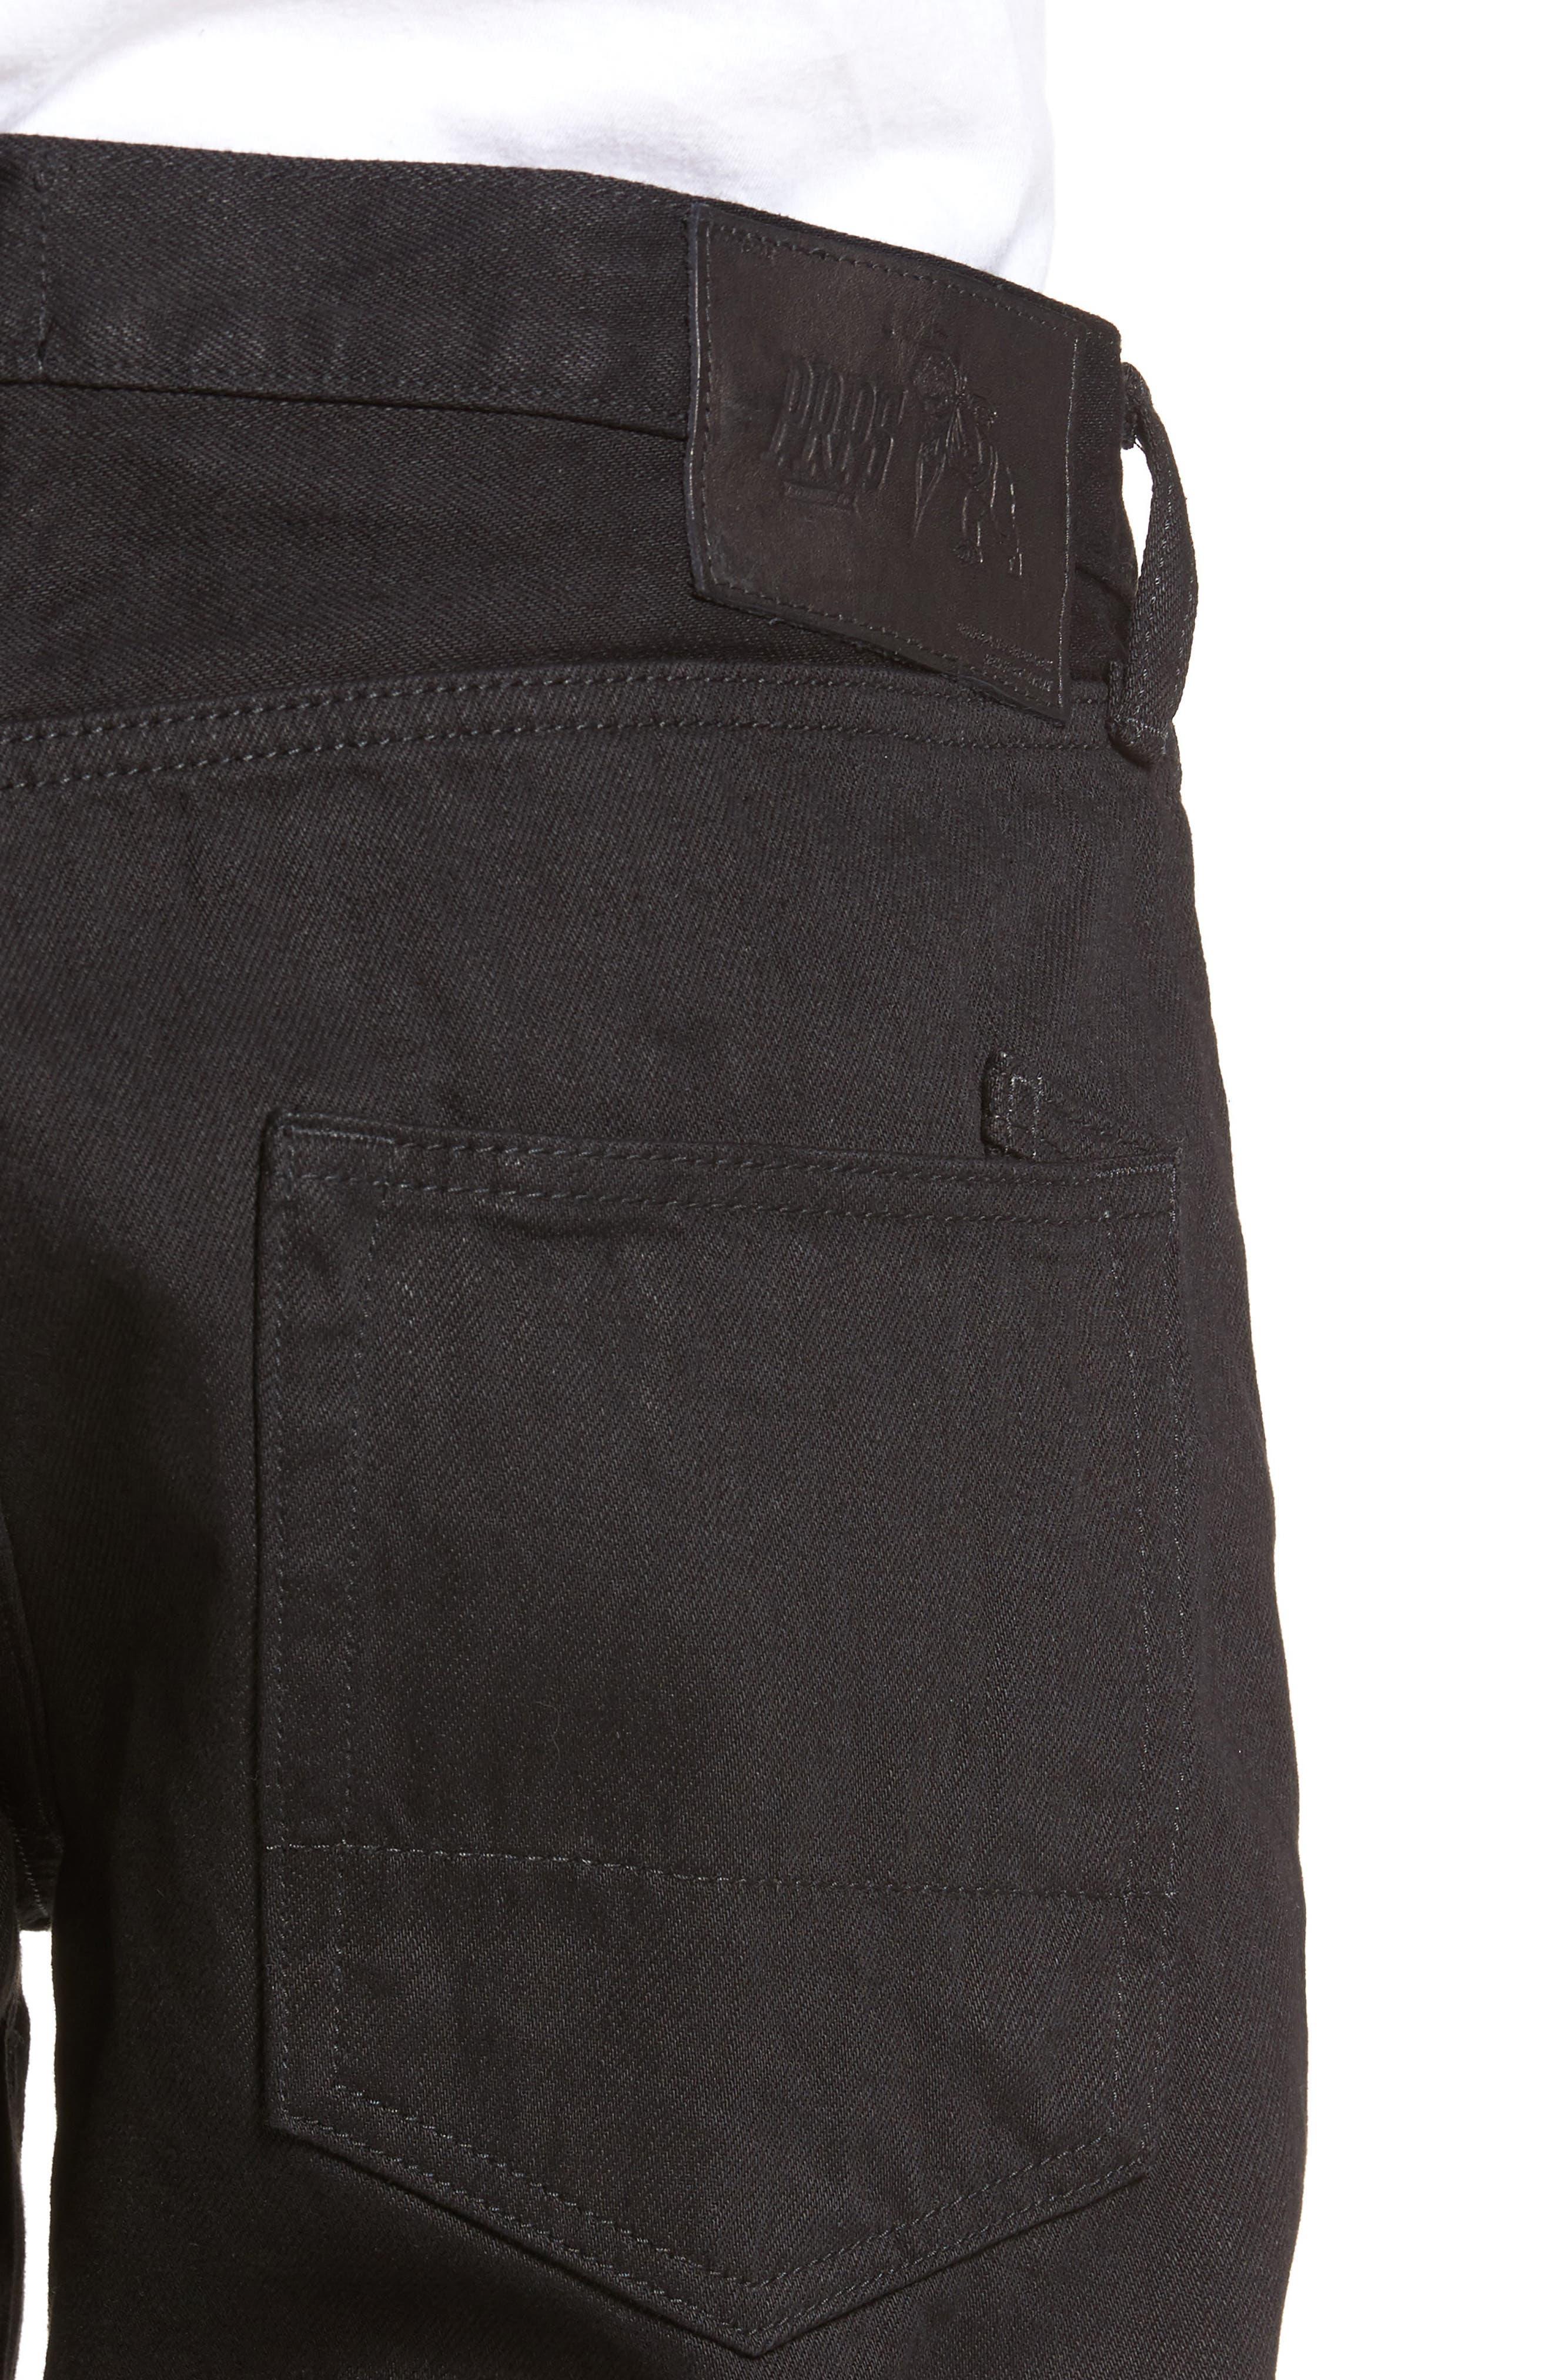 Demon Slim Straight Leg Jeans,                             Alternate thumbnail 4, color,